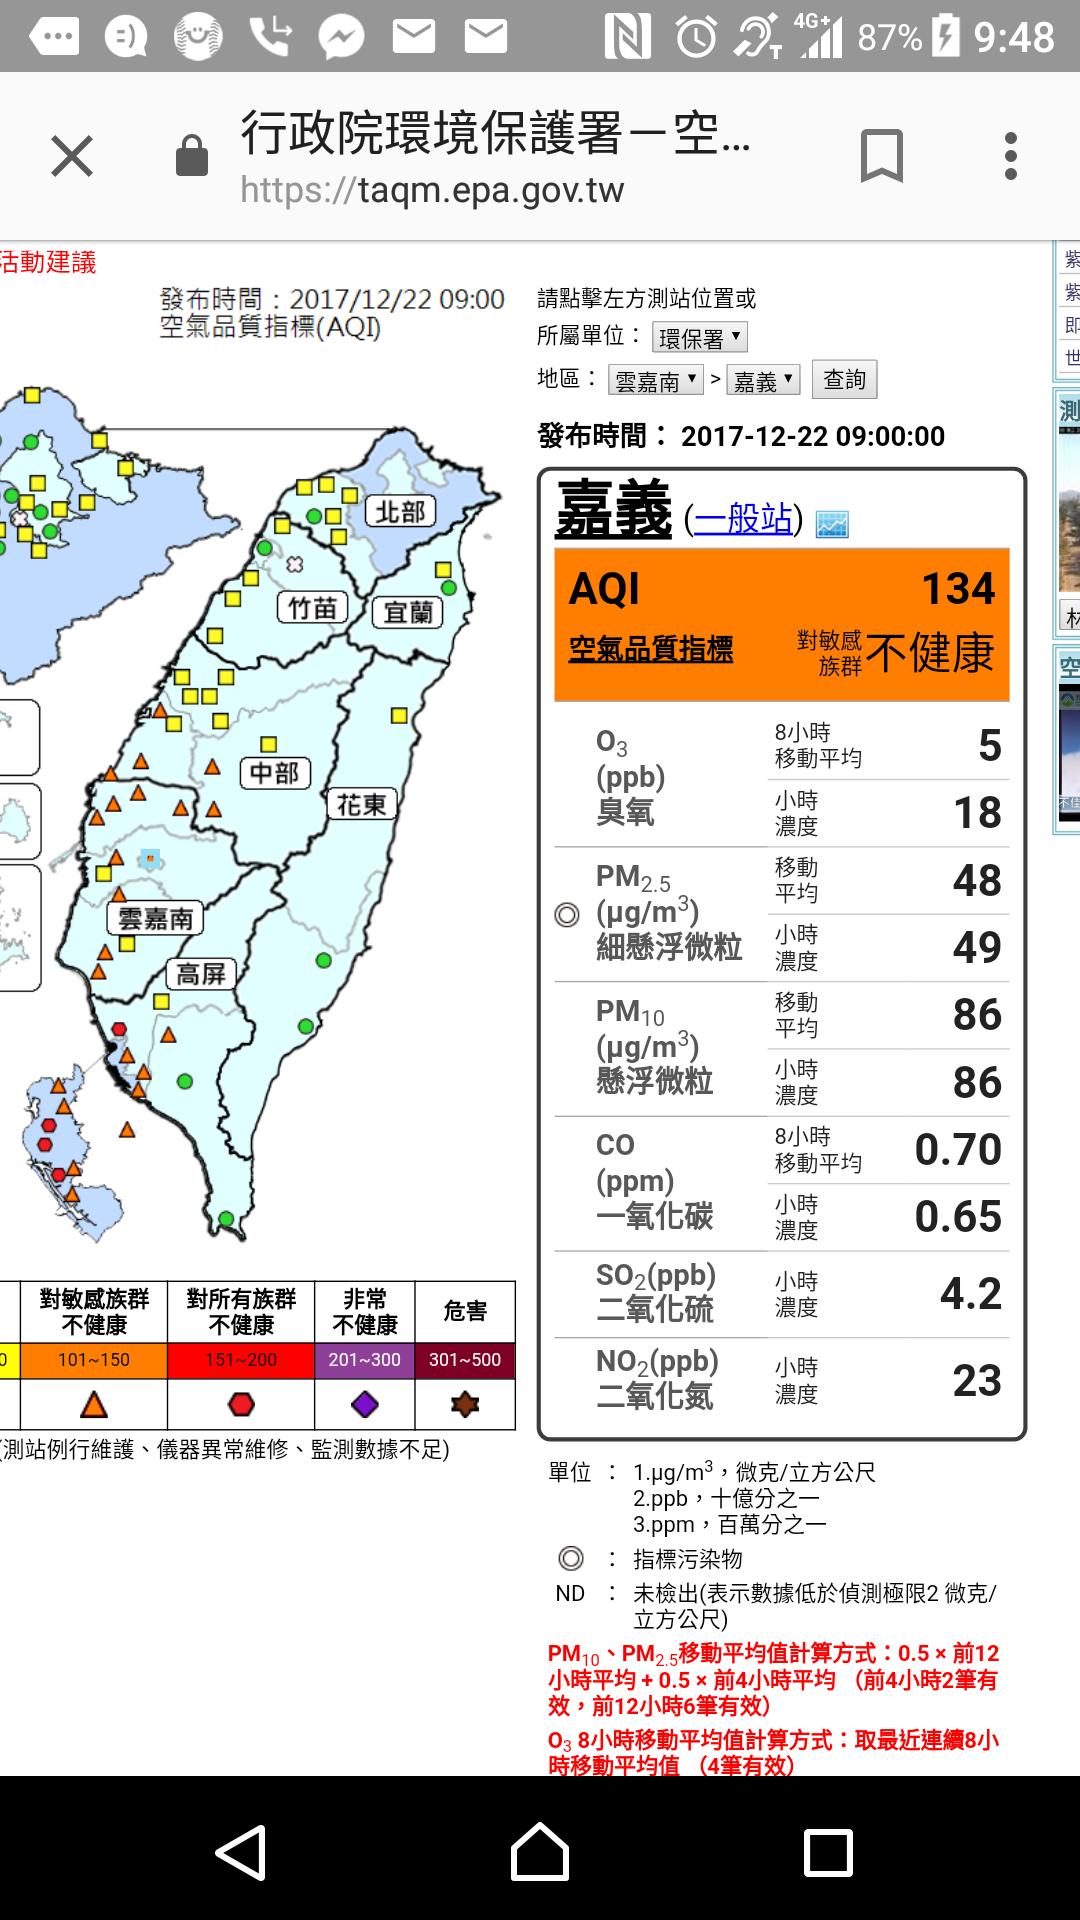 嘉義市空氣品質AQI達134 橘色指標。記者卜敏正/翻攝